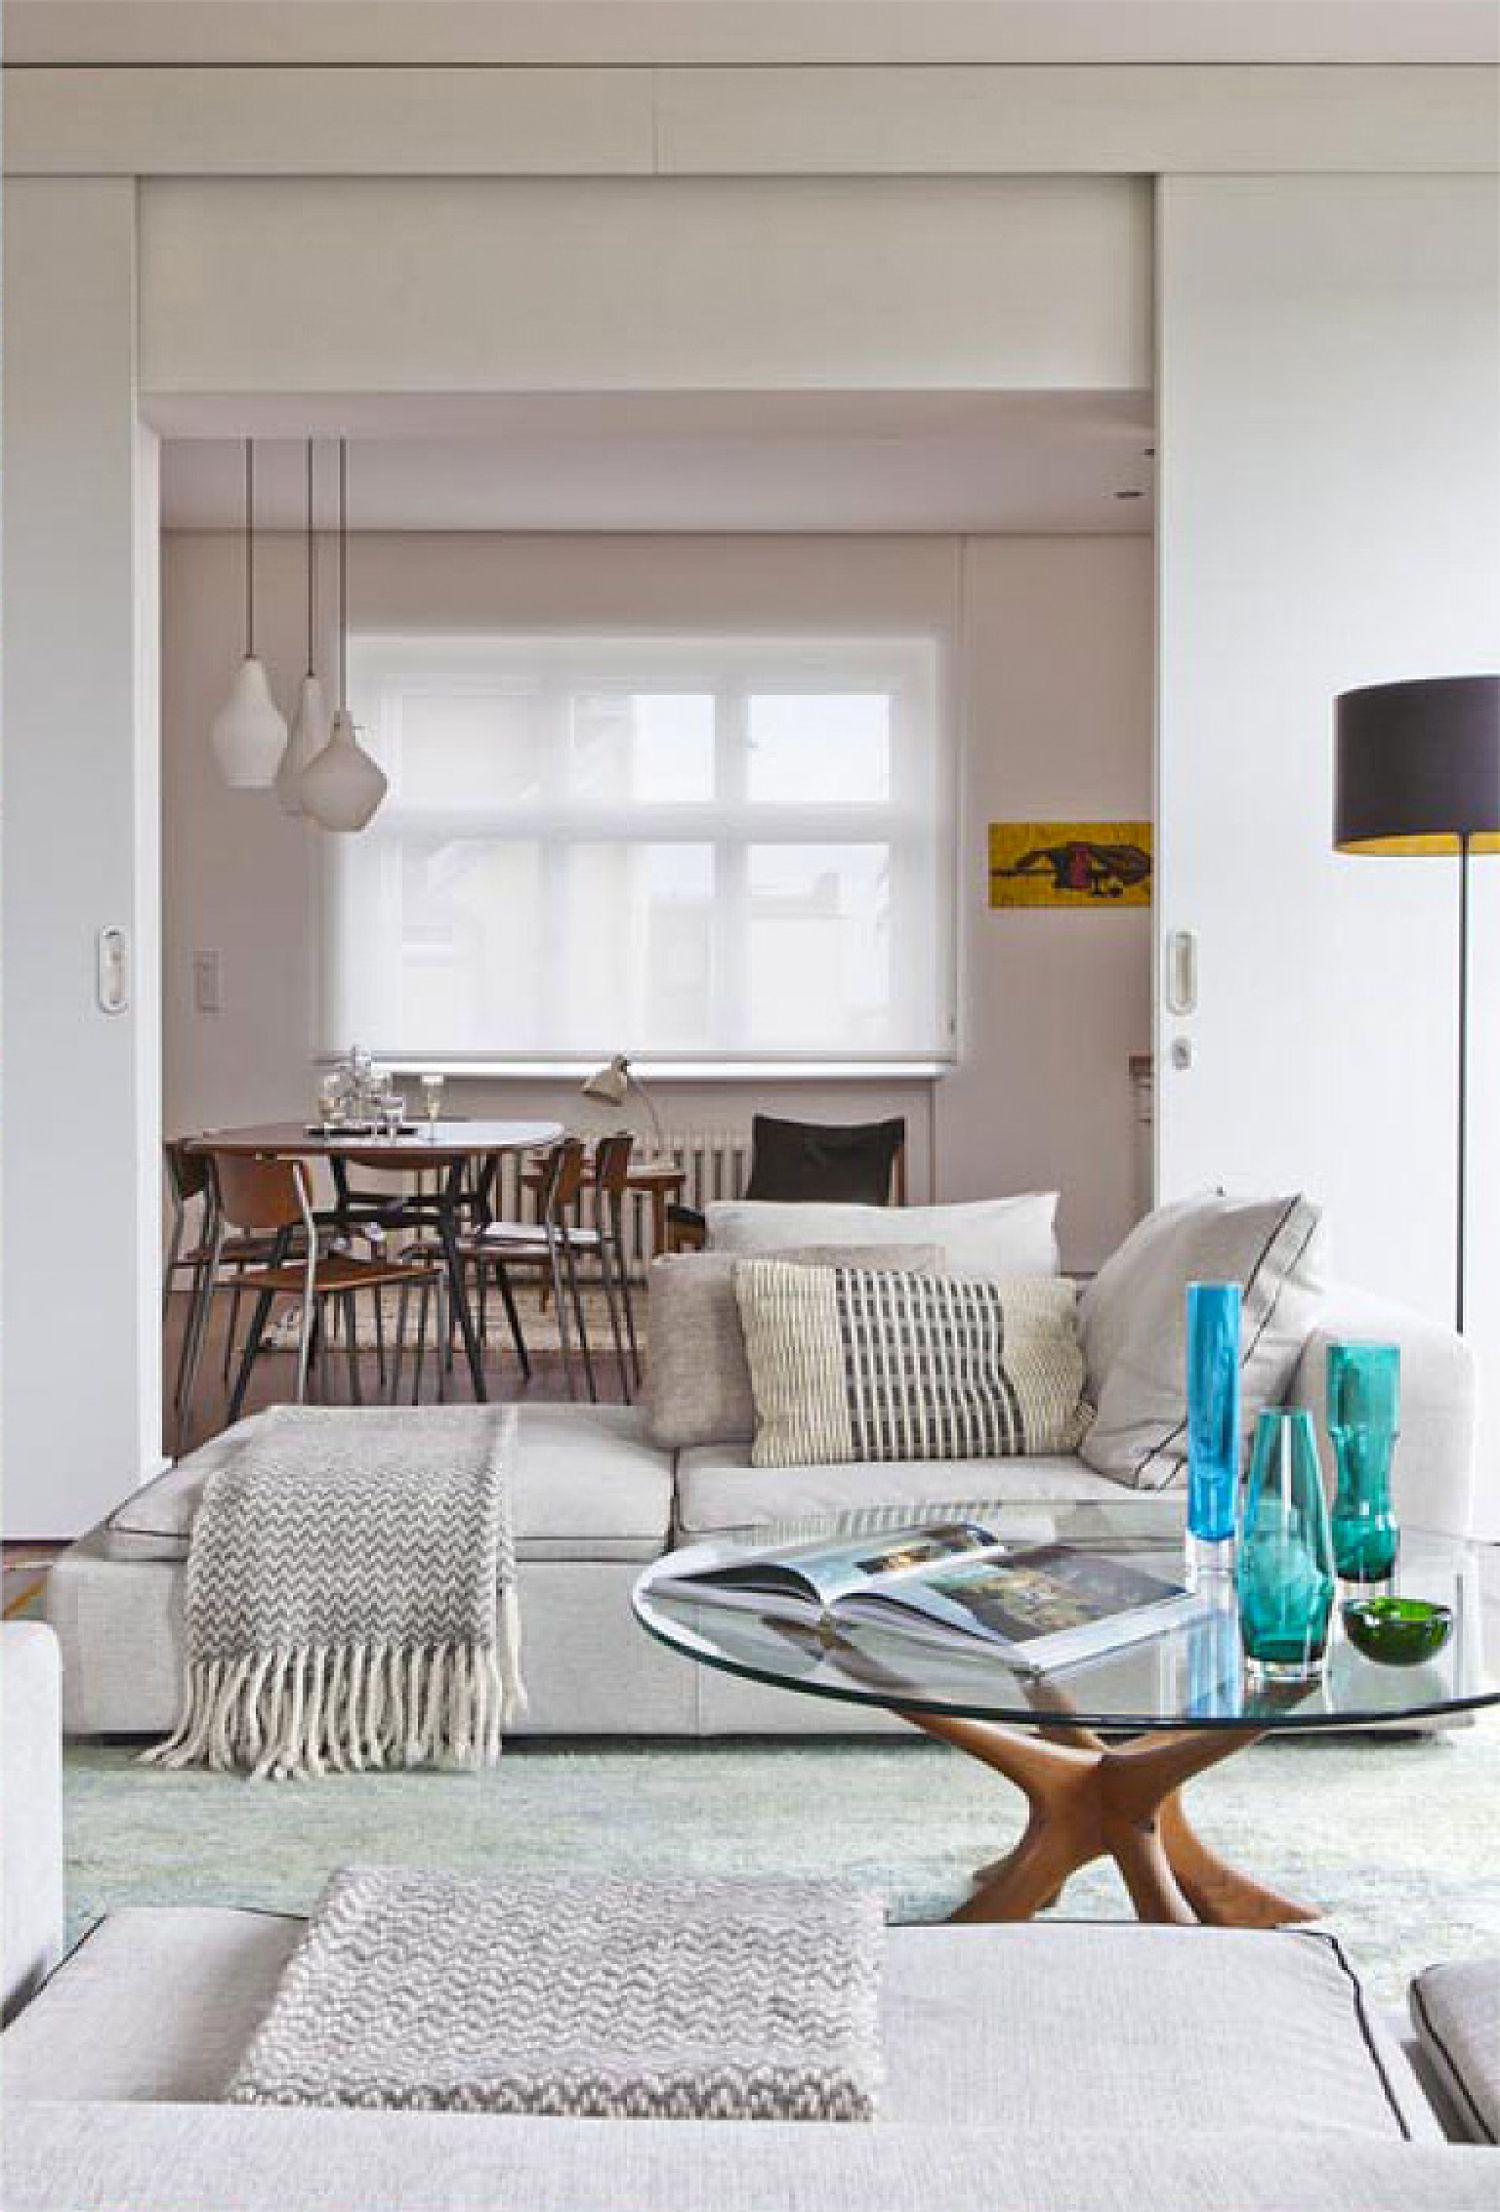 Mikel Irastorza Interior Design - Berlin